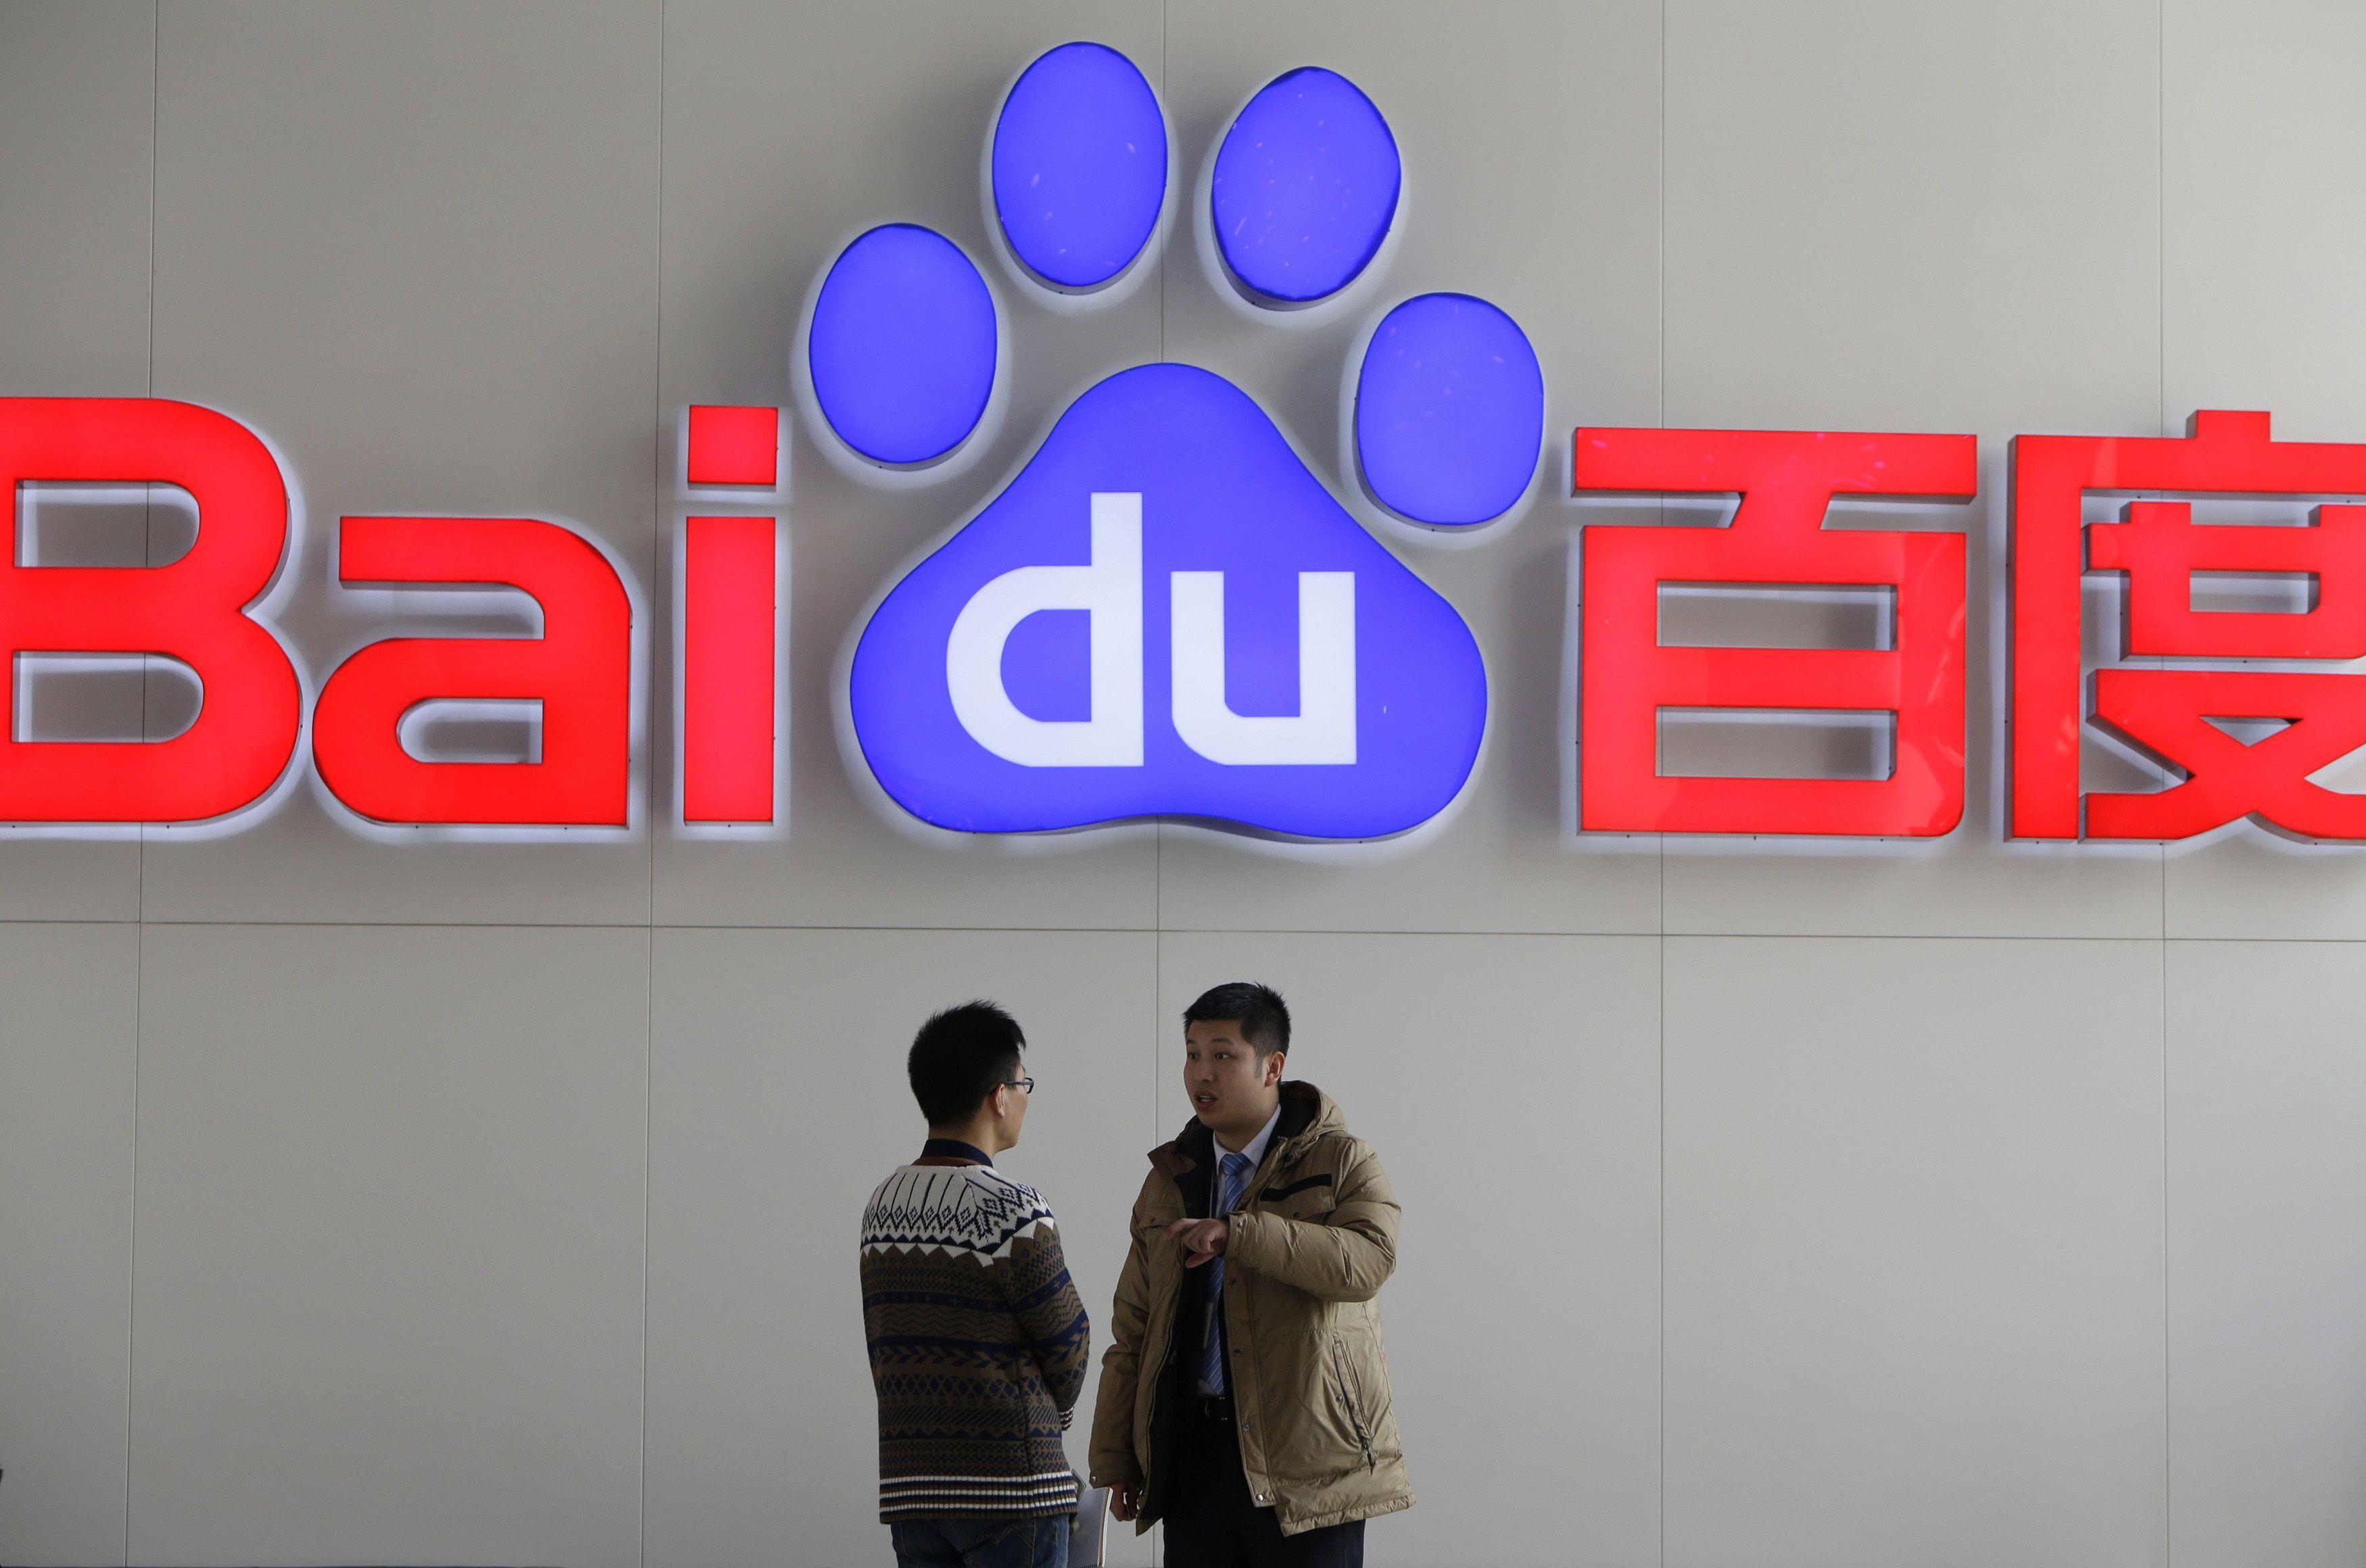 Скачайте Baidu и узнайте, какая музыка пользуется популярностью в Китае. Фото: www.businesstimes.com.sg